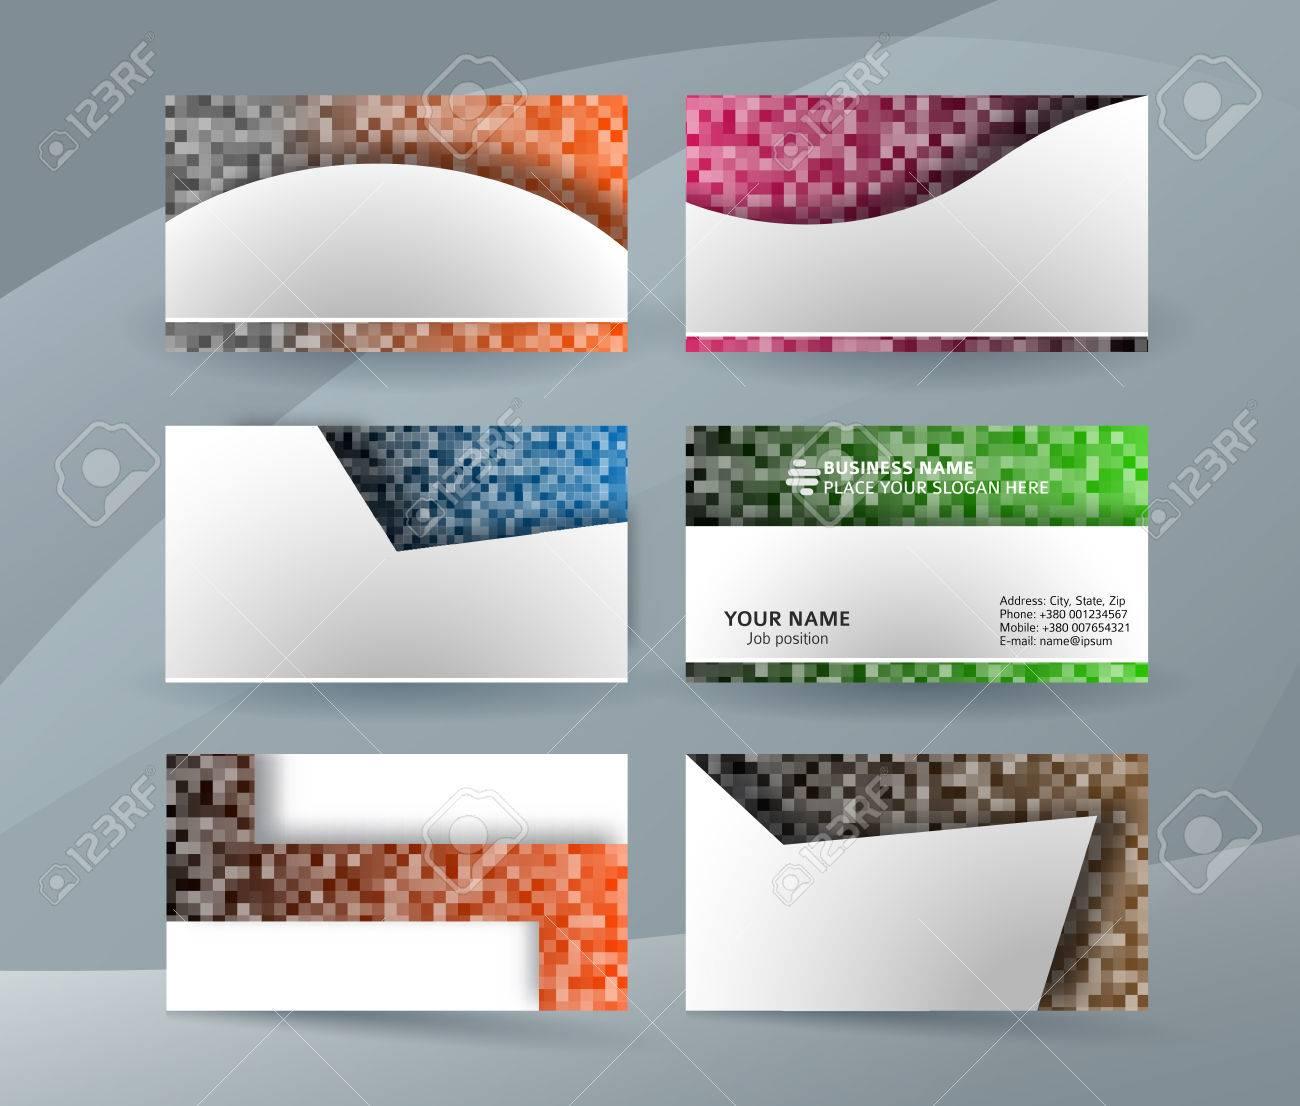 Modele De Carte Visite Professionnelle Et Design Ou Jeu Cartes Clair Minimal Fond Blanc Avec Des Noms Couleurs MOSAIC SQUARE